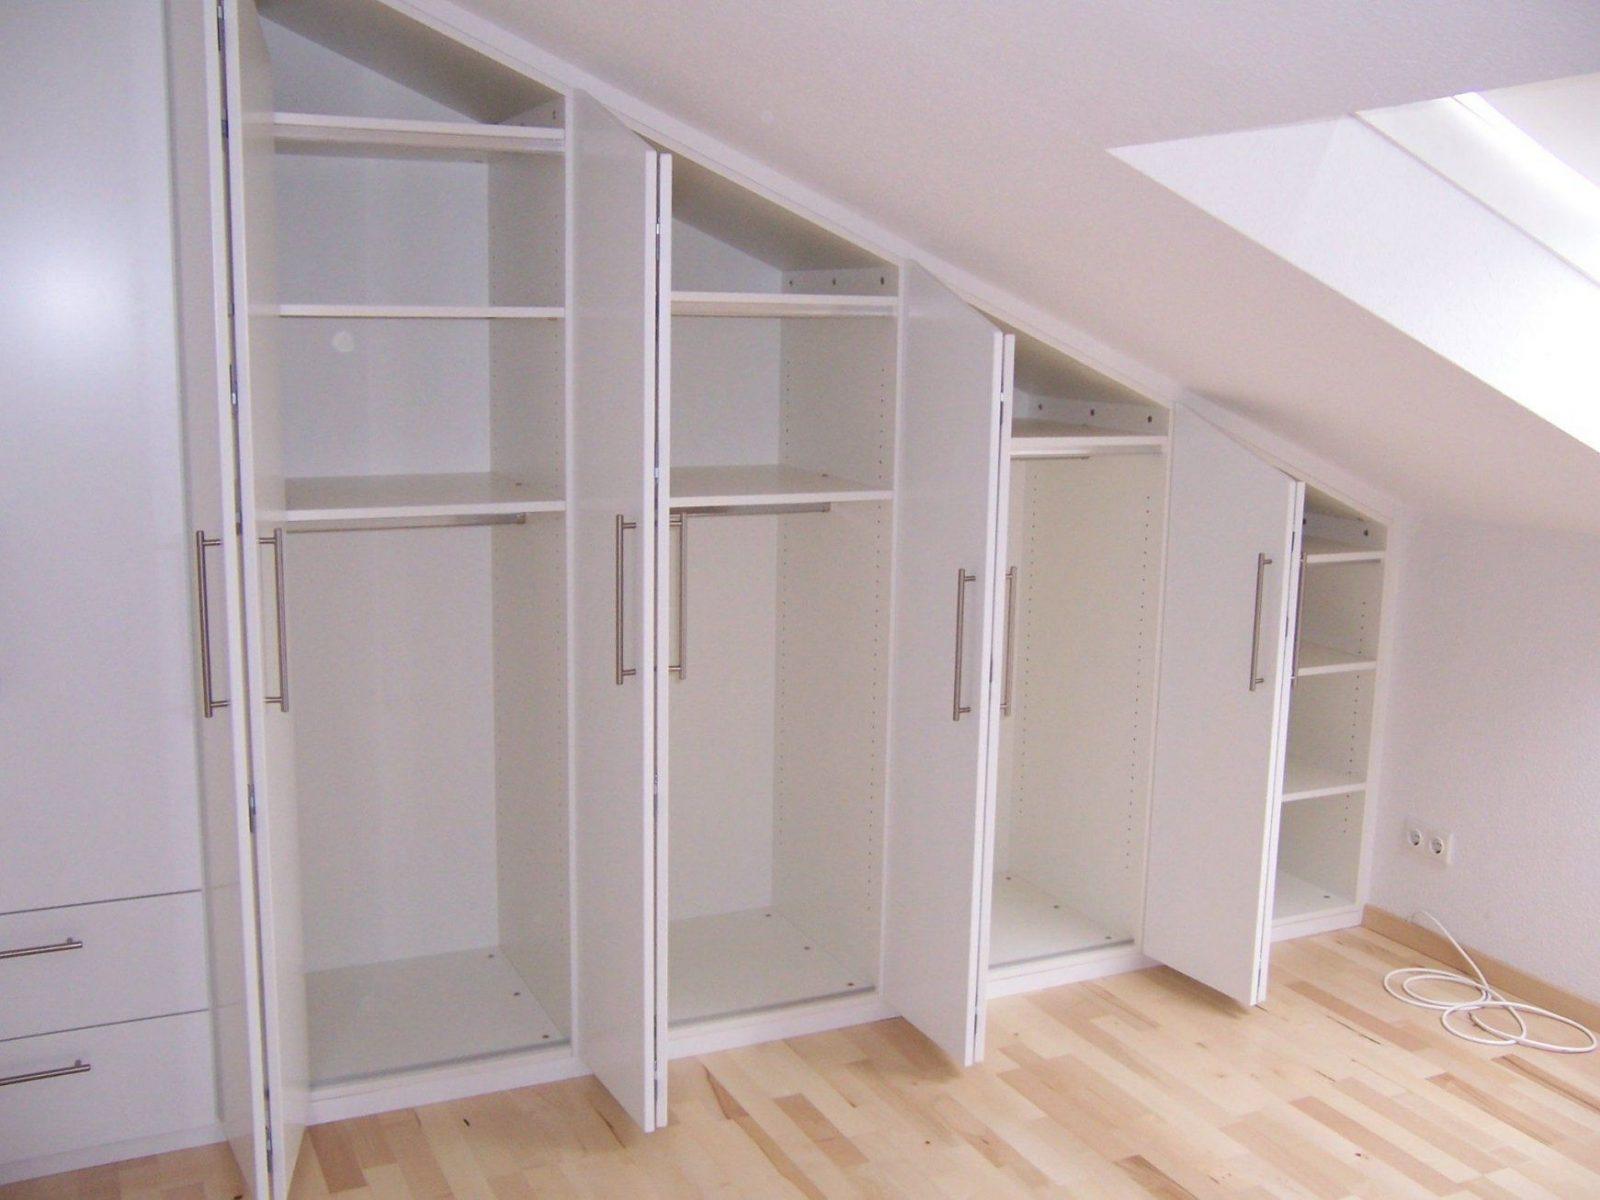 Bildergebnis Für Dachschräge Schlafzimmer  Attic Ideas  Pinterest von Ikea Schrank Für Schräge Bild